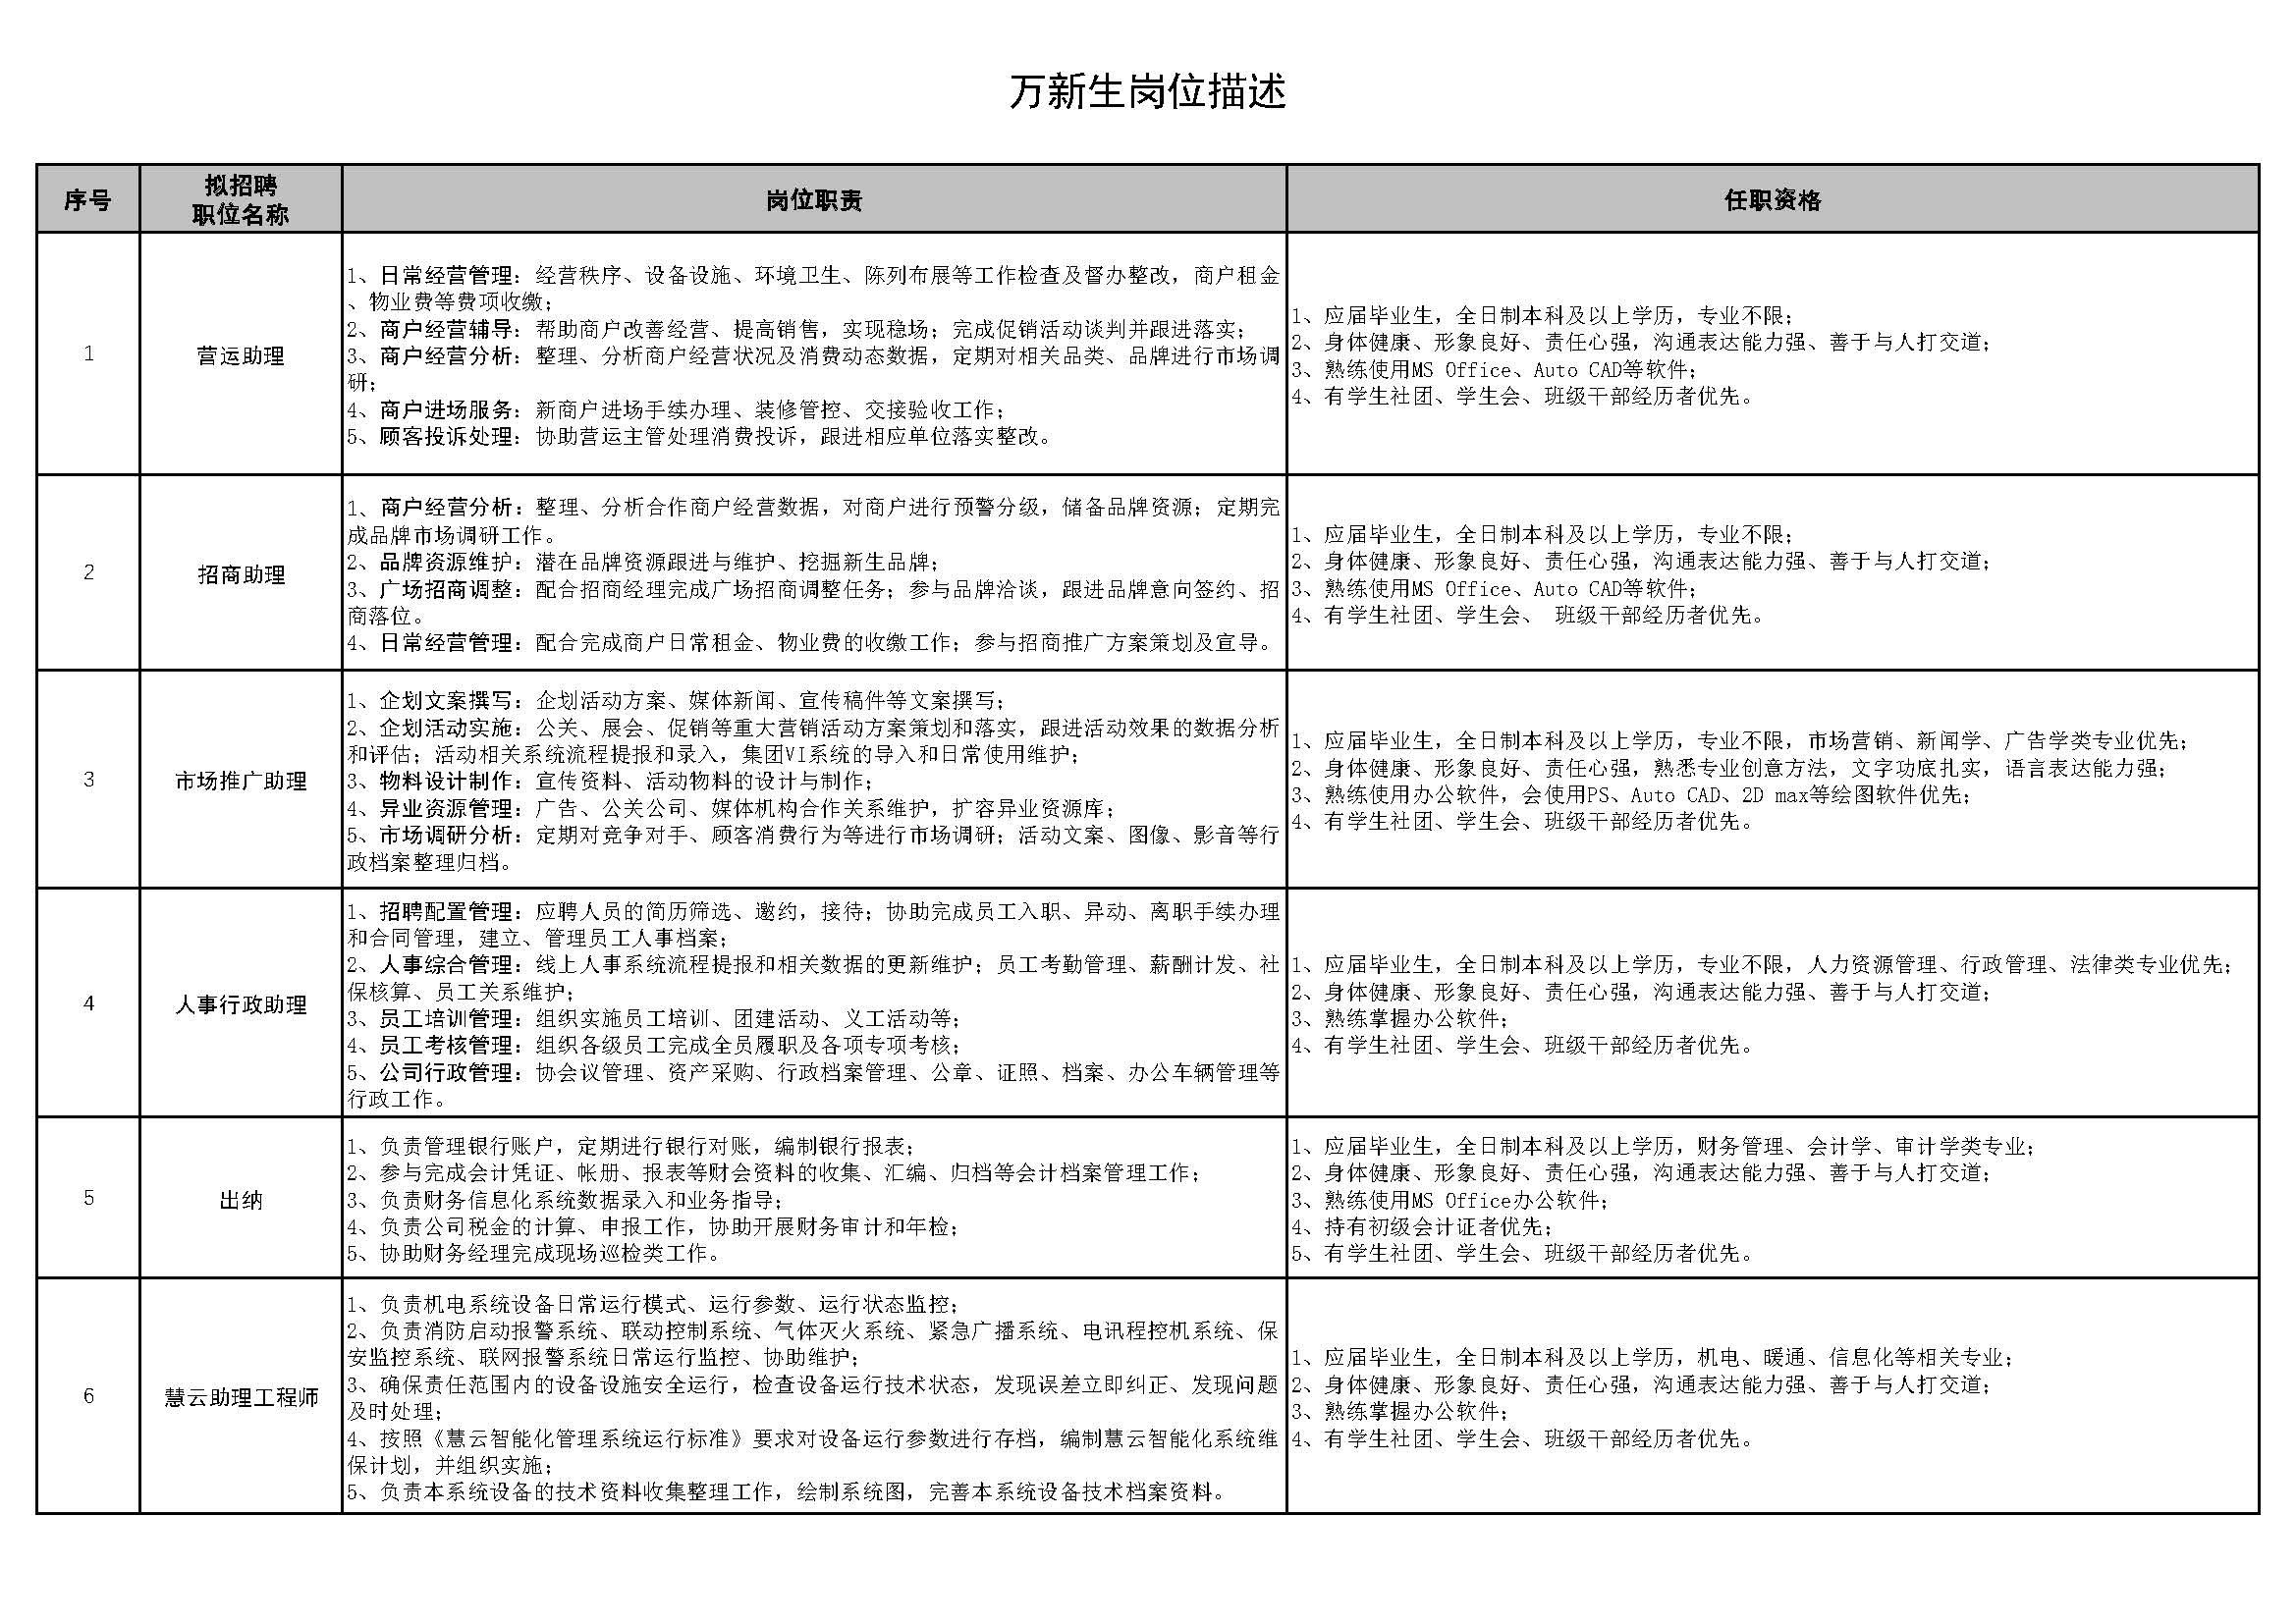 万新生岗位描述(1)(1).jpg